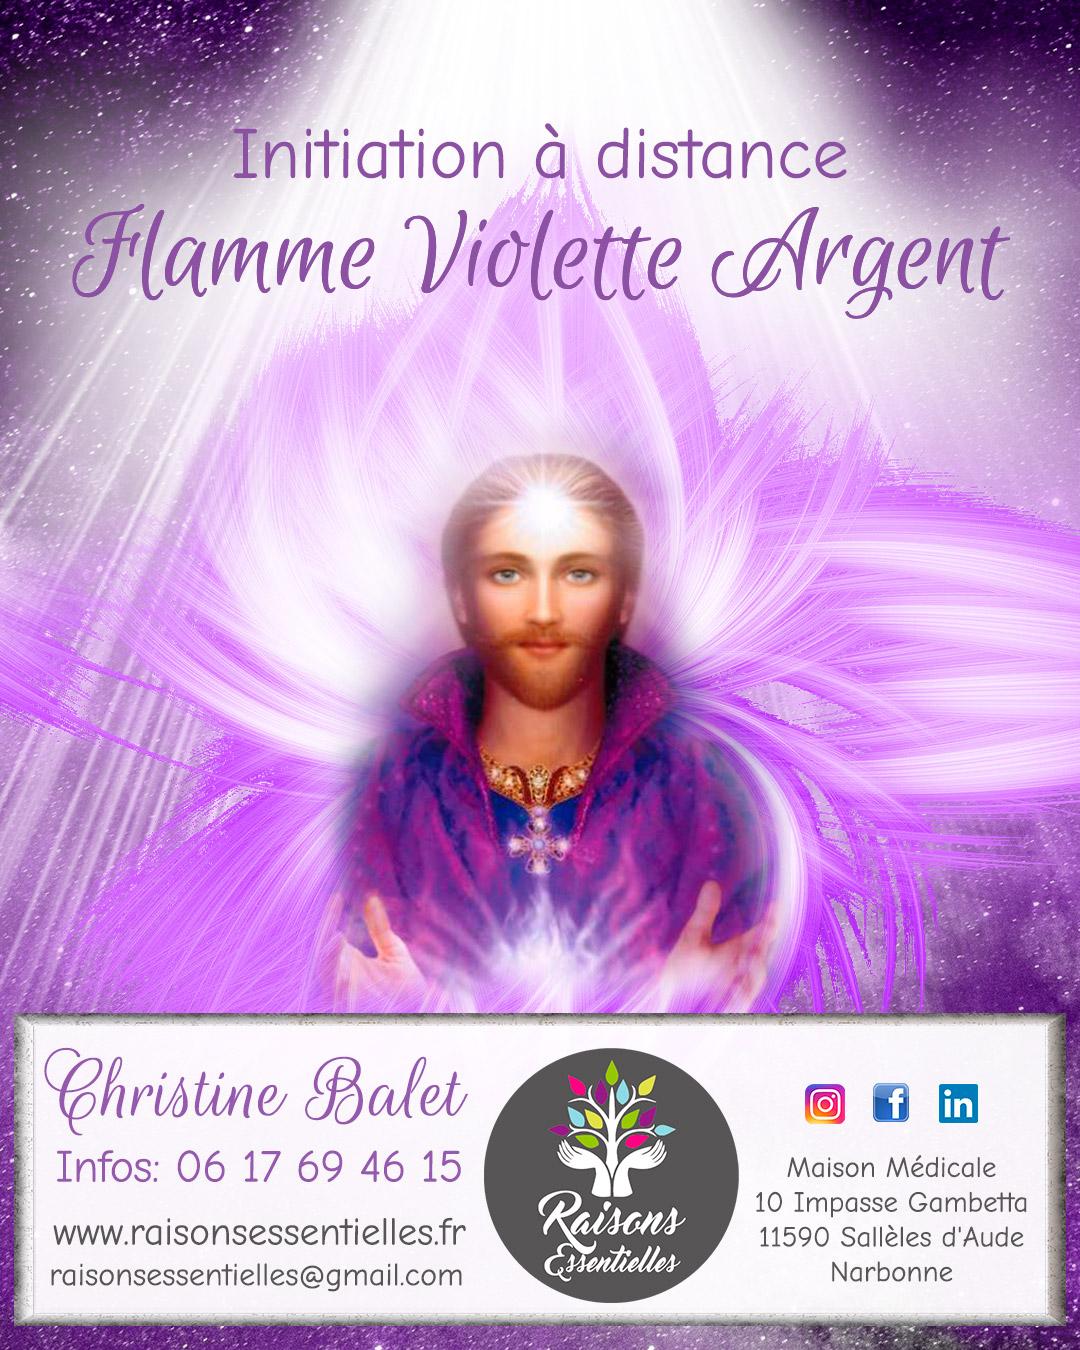 digykan - création bannière - Raisons Essentielles Christine Balet - initiation Flamme Violette Argent